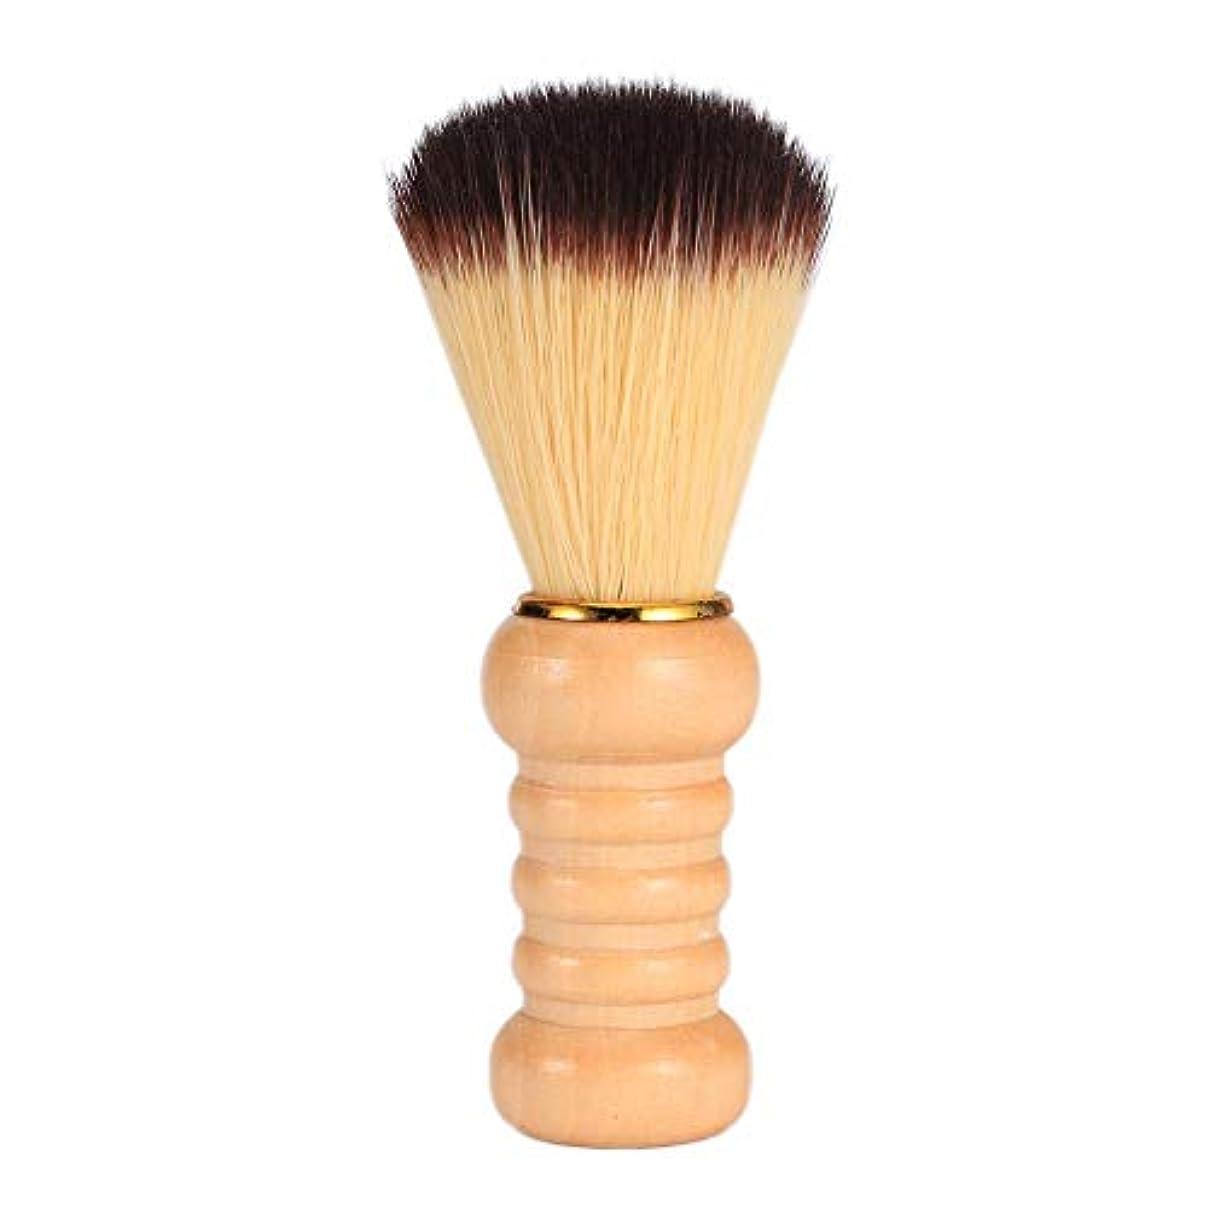 経度驚かす退却Powlancejp シェービング用ブラシ メンズ用 理容洗顔 髭剃り 泡立ち ナイロン サロン道具